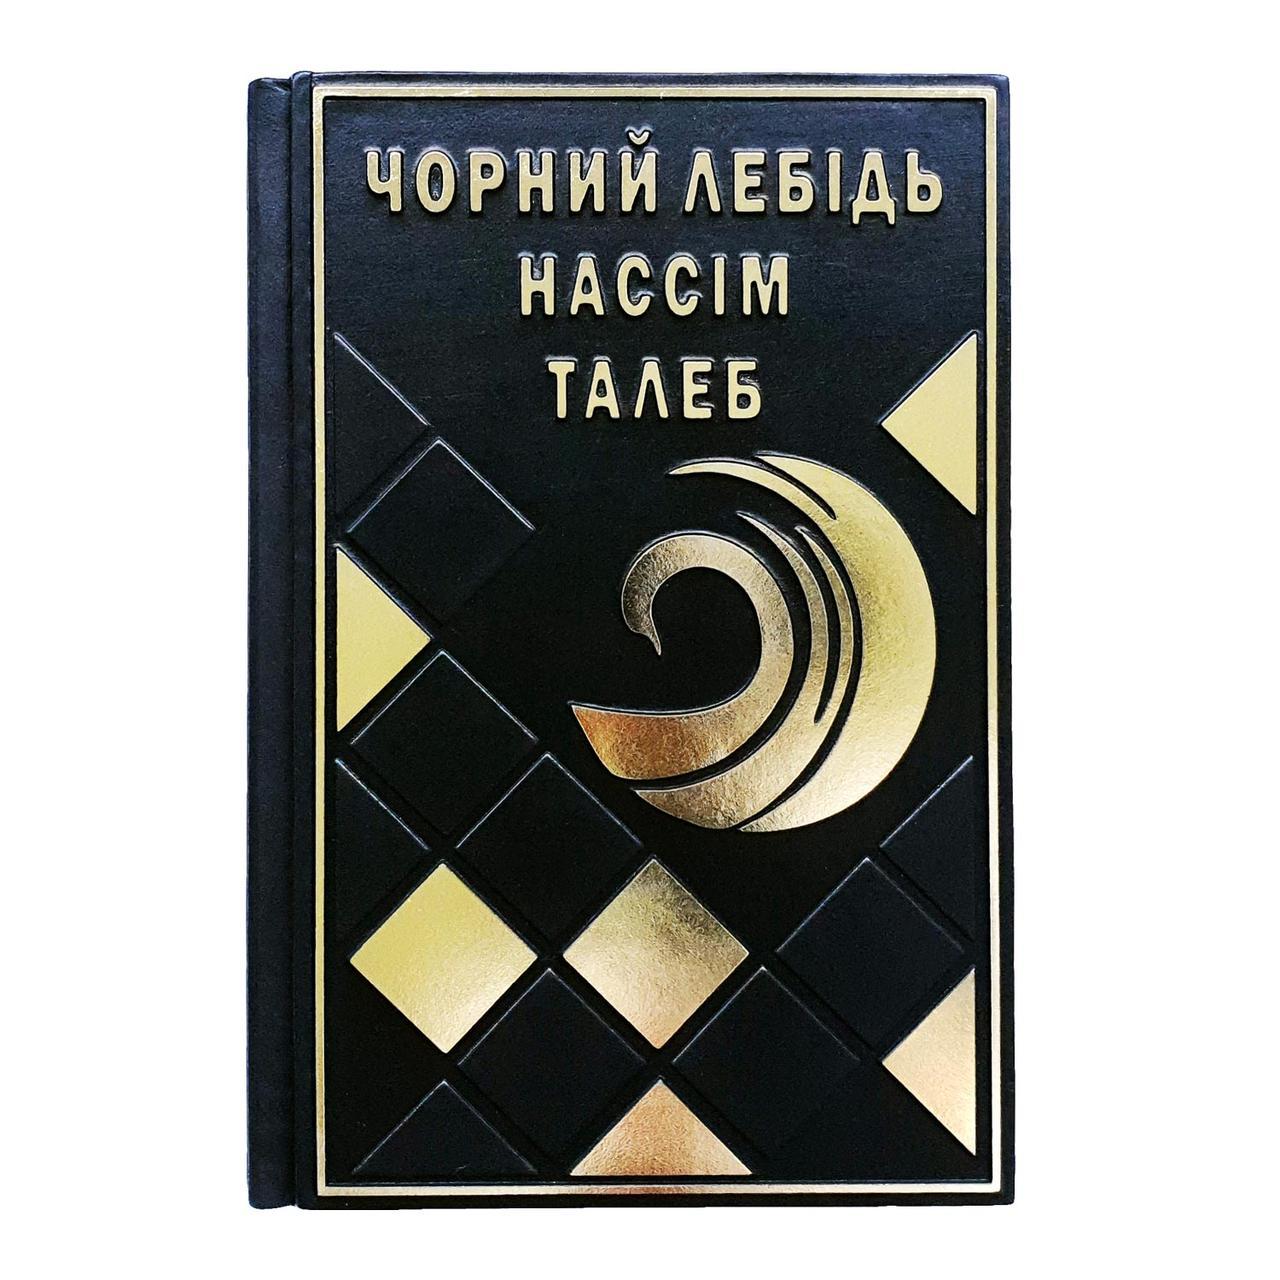 Подарочная литература. Чорний лебідь. Насім Талеб (М0)